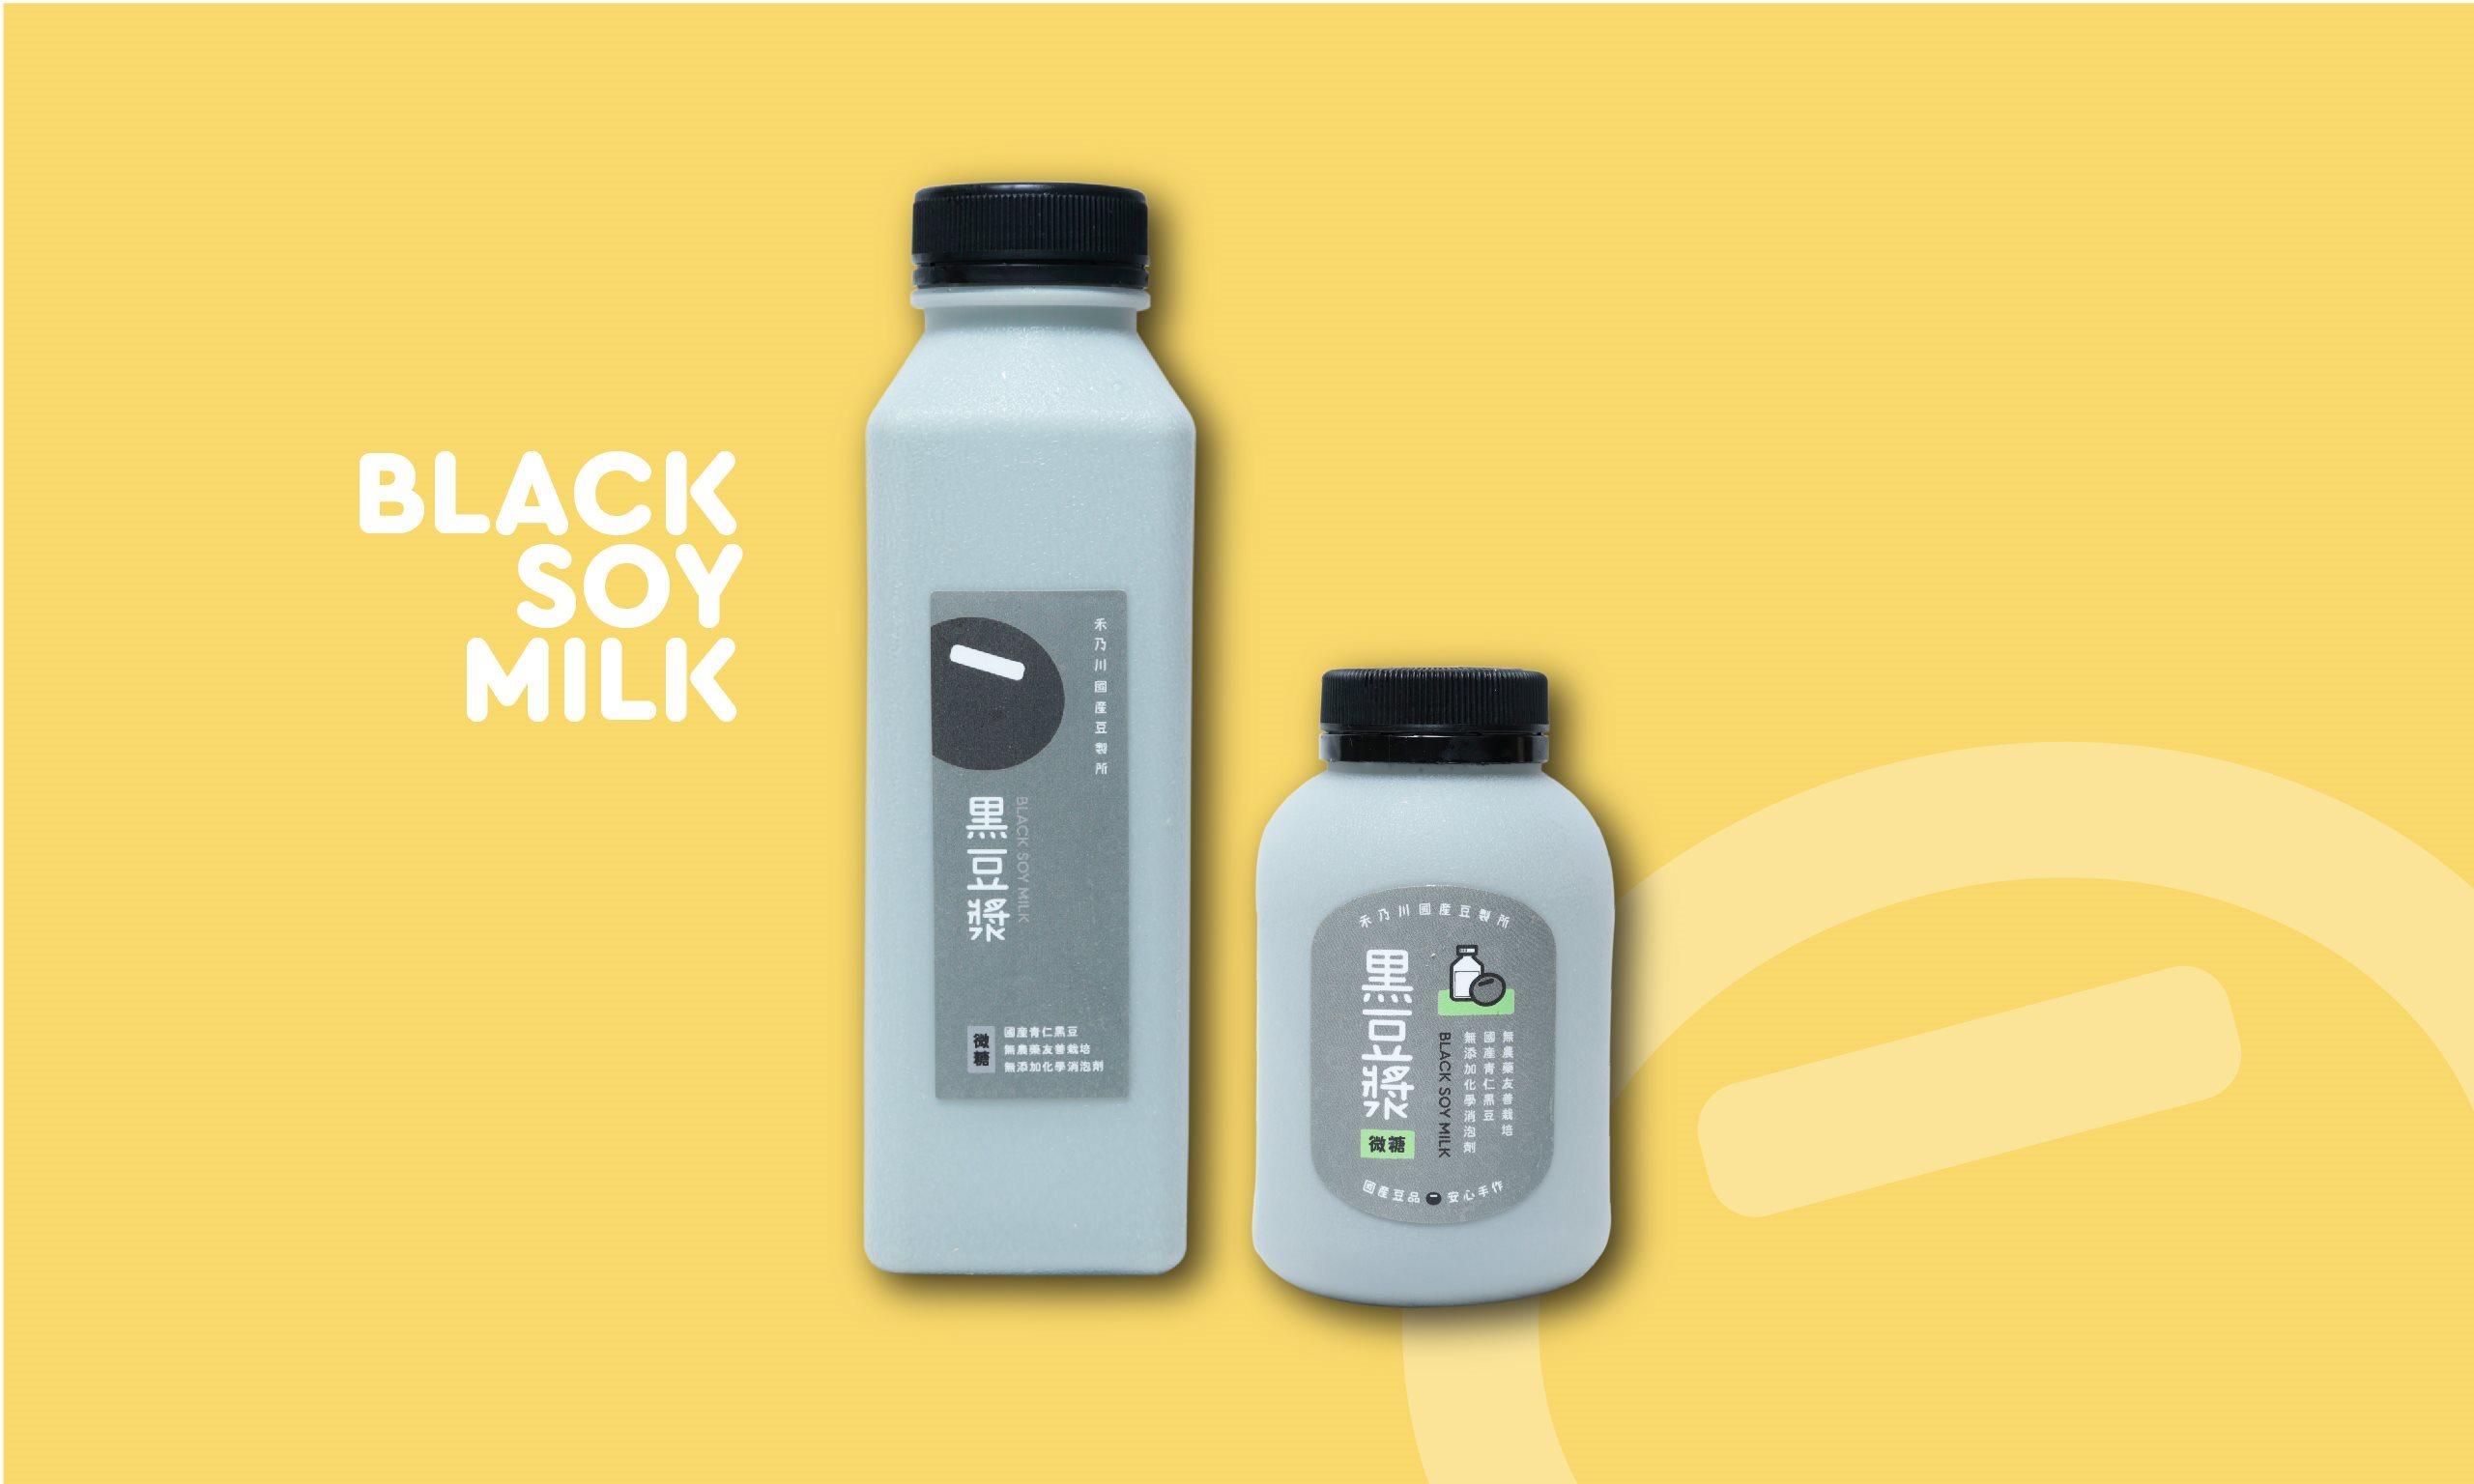 Pure Black Soy Milk - Taiwan TOP 1 local soy milk in Taipei Sanxia